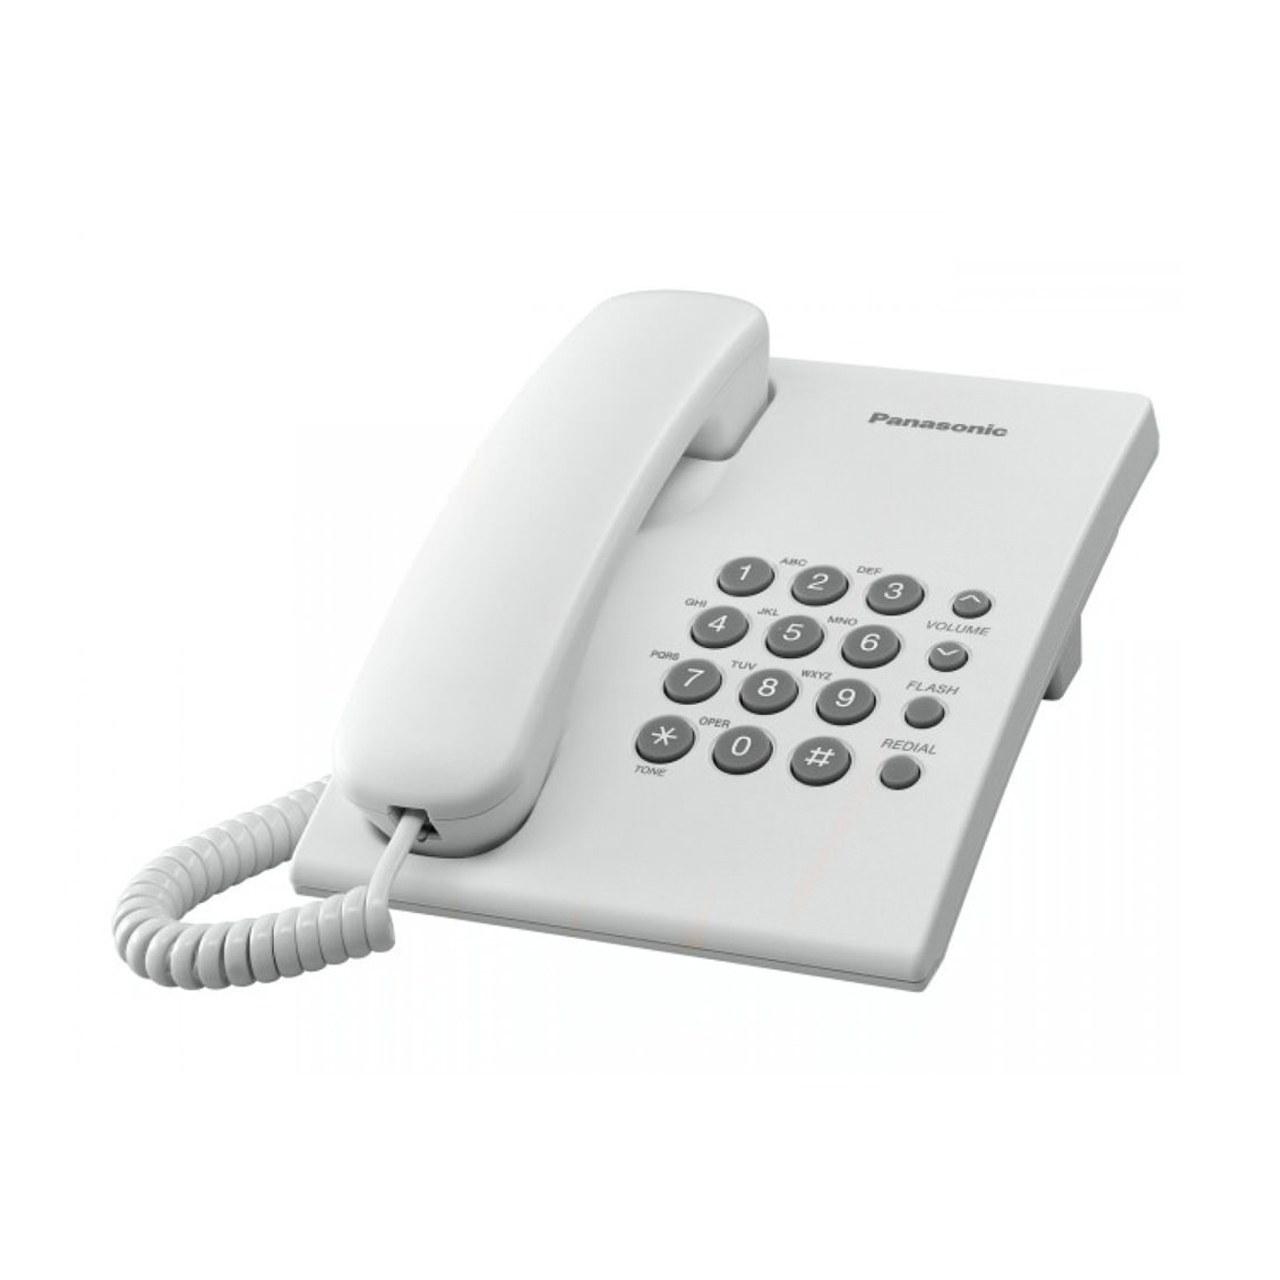 تلفن رومیزی پاناسونیک مدل Panasonic KX-S500